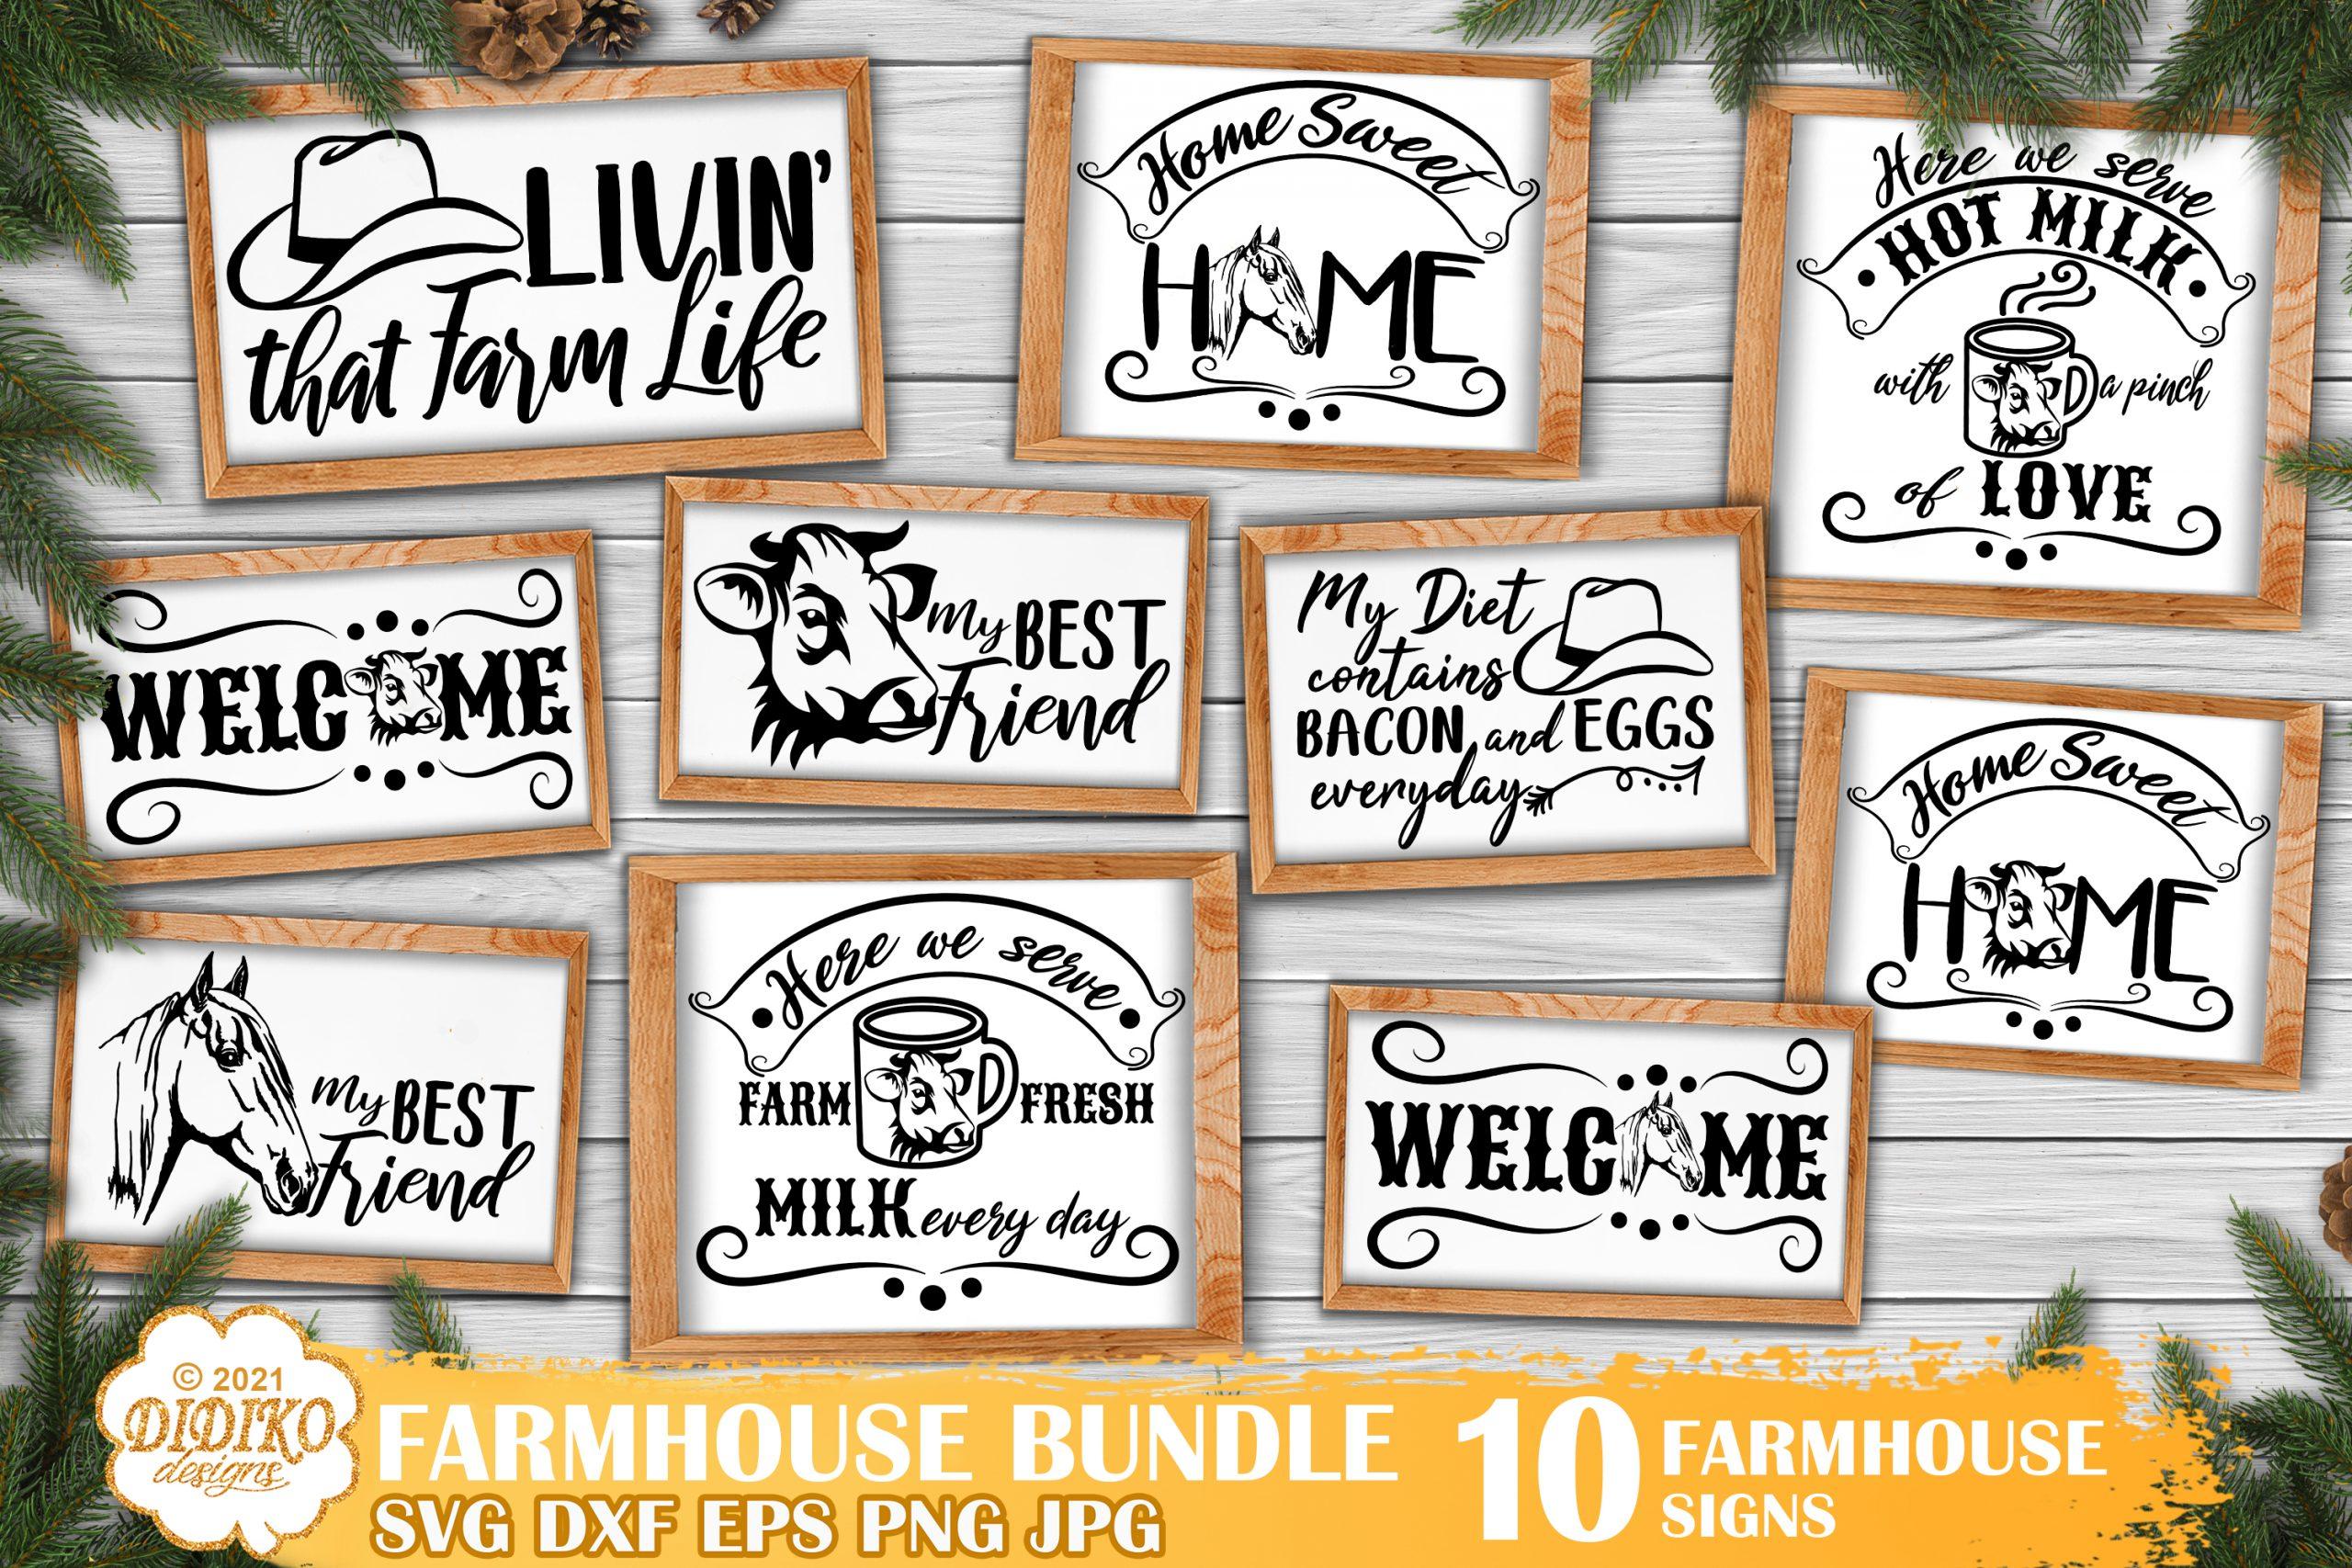 Farmhouse Signs SVG Bundle